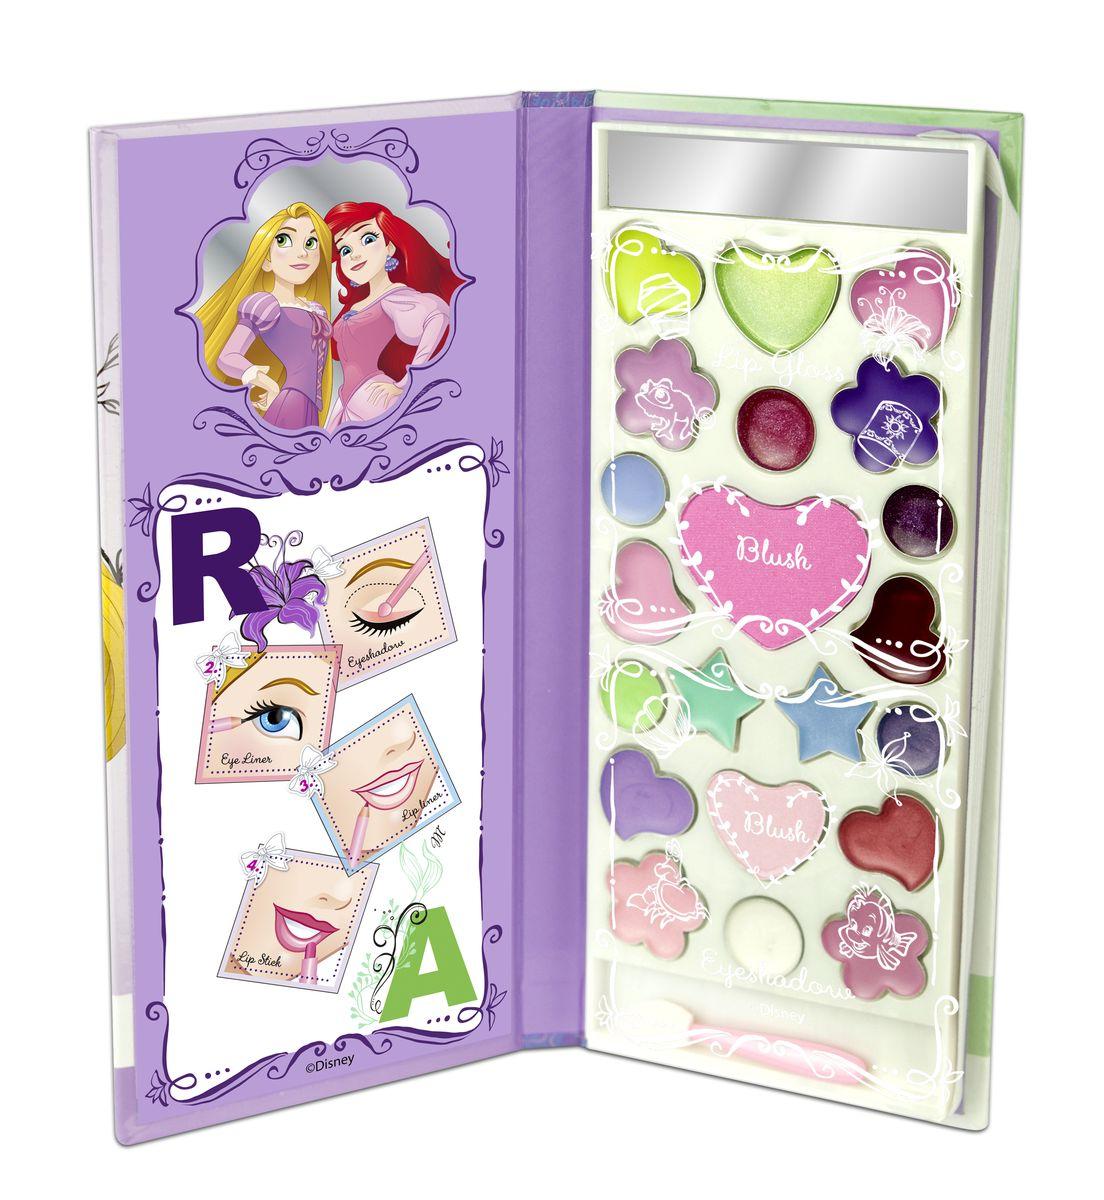 Markwins Игровой набор детской декоративной косметики Princess AR в книжке1301207Состав набора: палитра блесков для губ из 10 оттенков, румяна 2 оттенка, палитра кремовых теней для век из 9 оттенков, аппликатор 1 шт., зеркальце 1 шт.